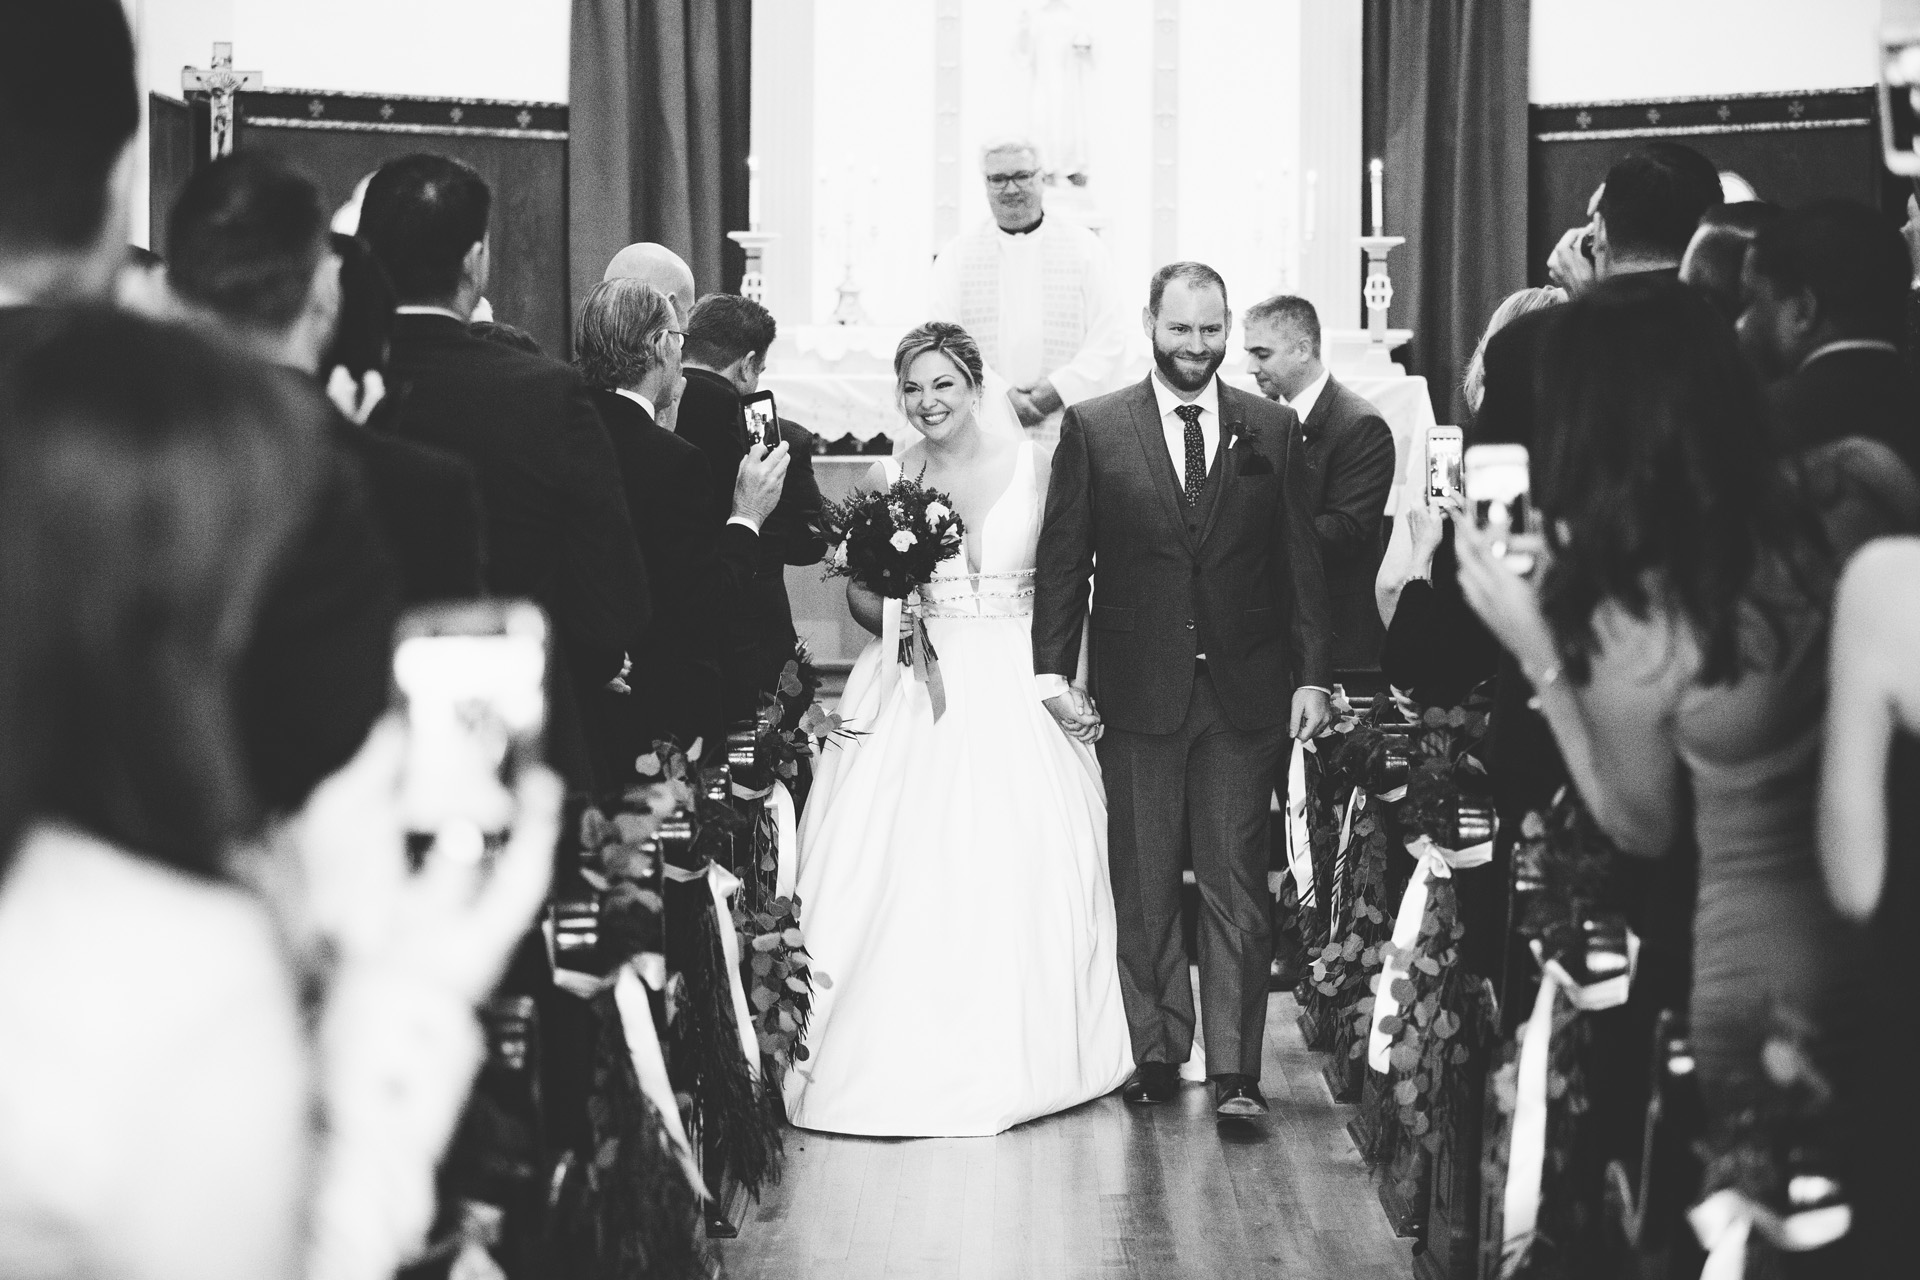 mount-washington-hotel-wedding-photographer-026